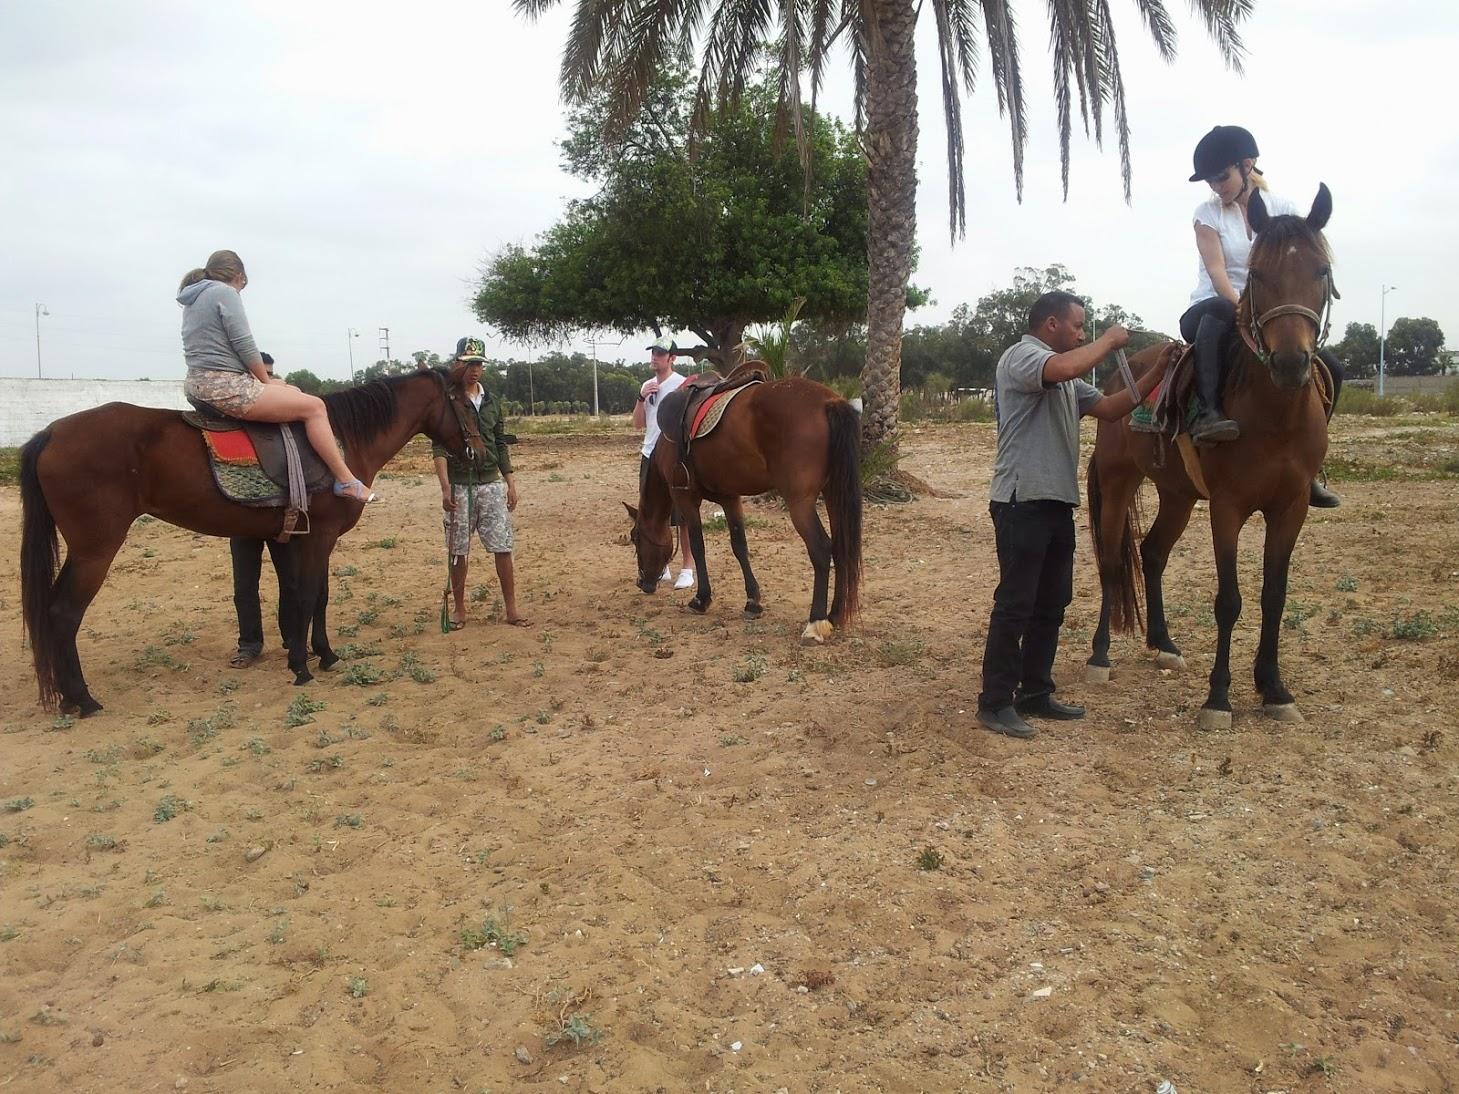 Balades-cheval-Agadir-1506965505-1559214767